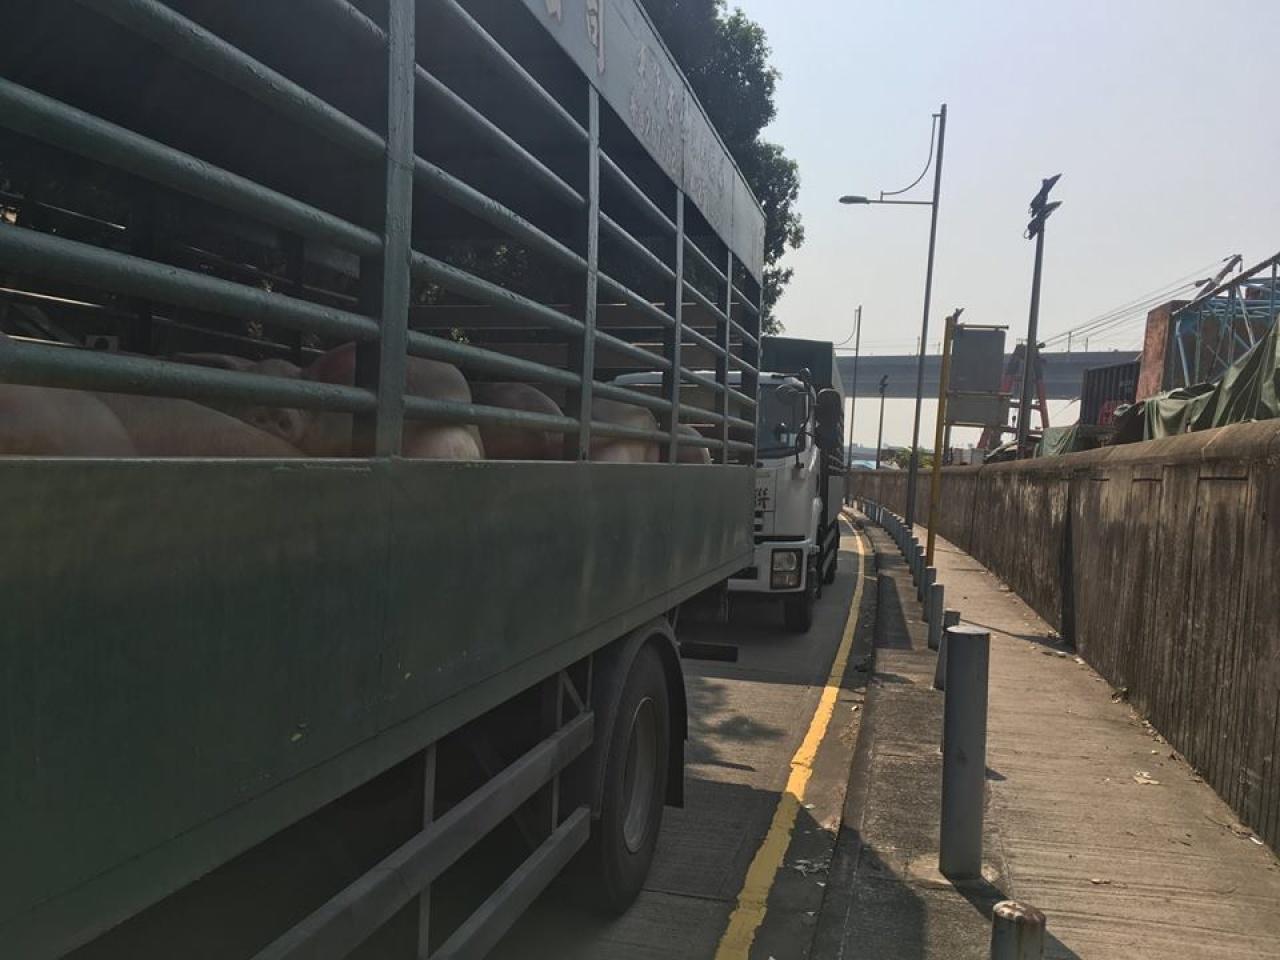 一芯指據觀察,每次來屠房的運豬車約有10車,每次約20隻豬,每天送豬次數應不只一次。(受訪者提供)